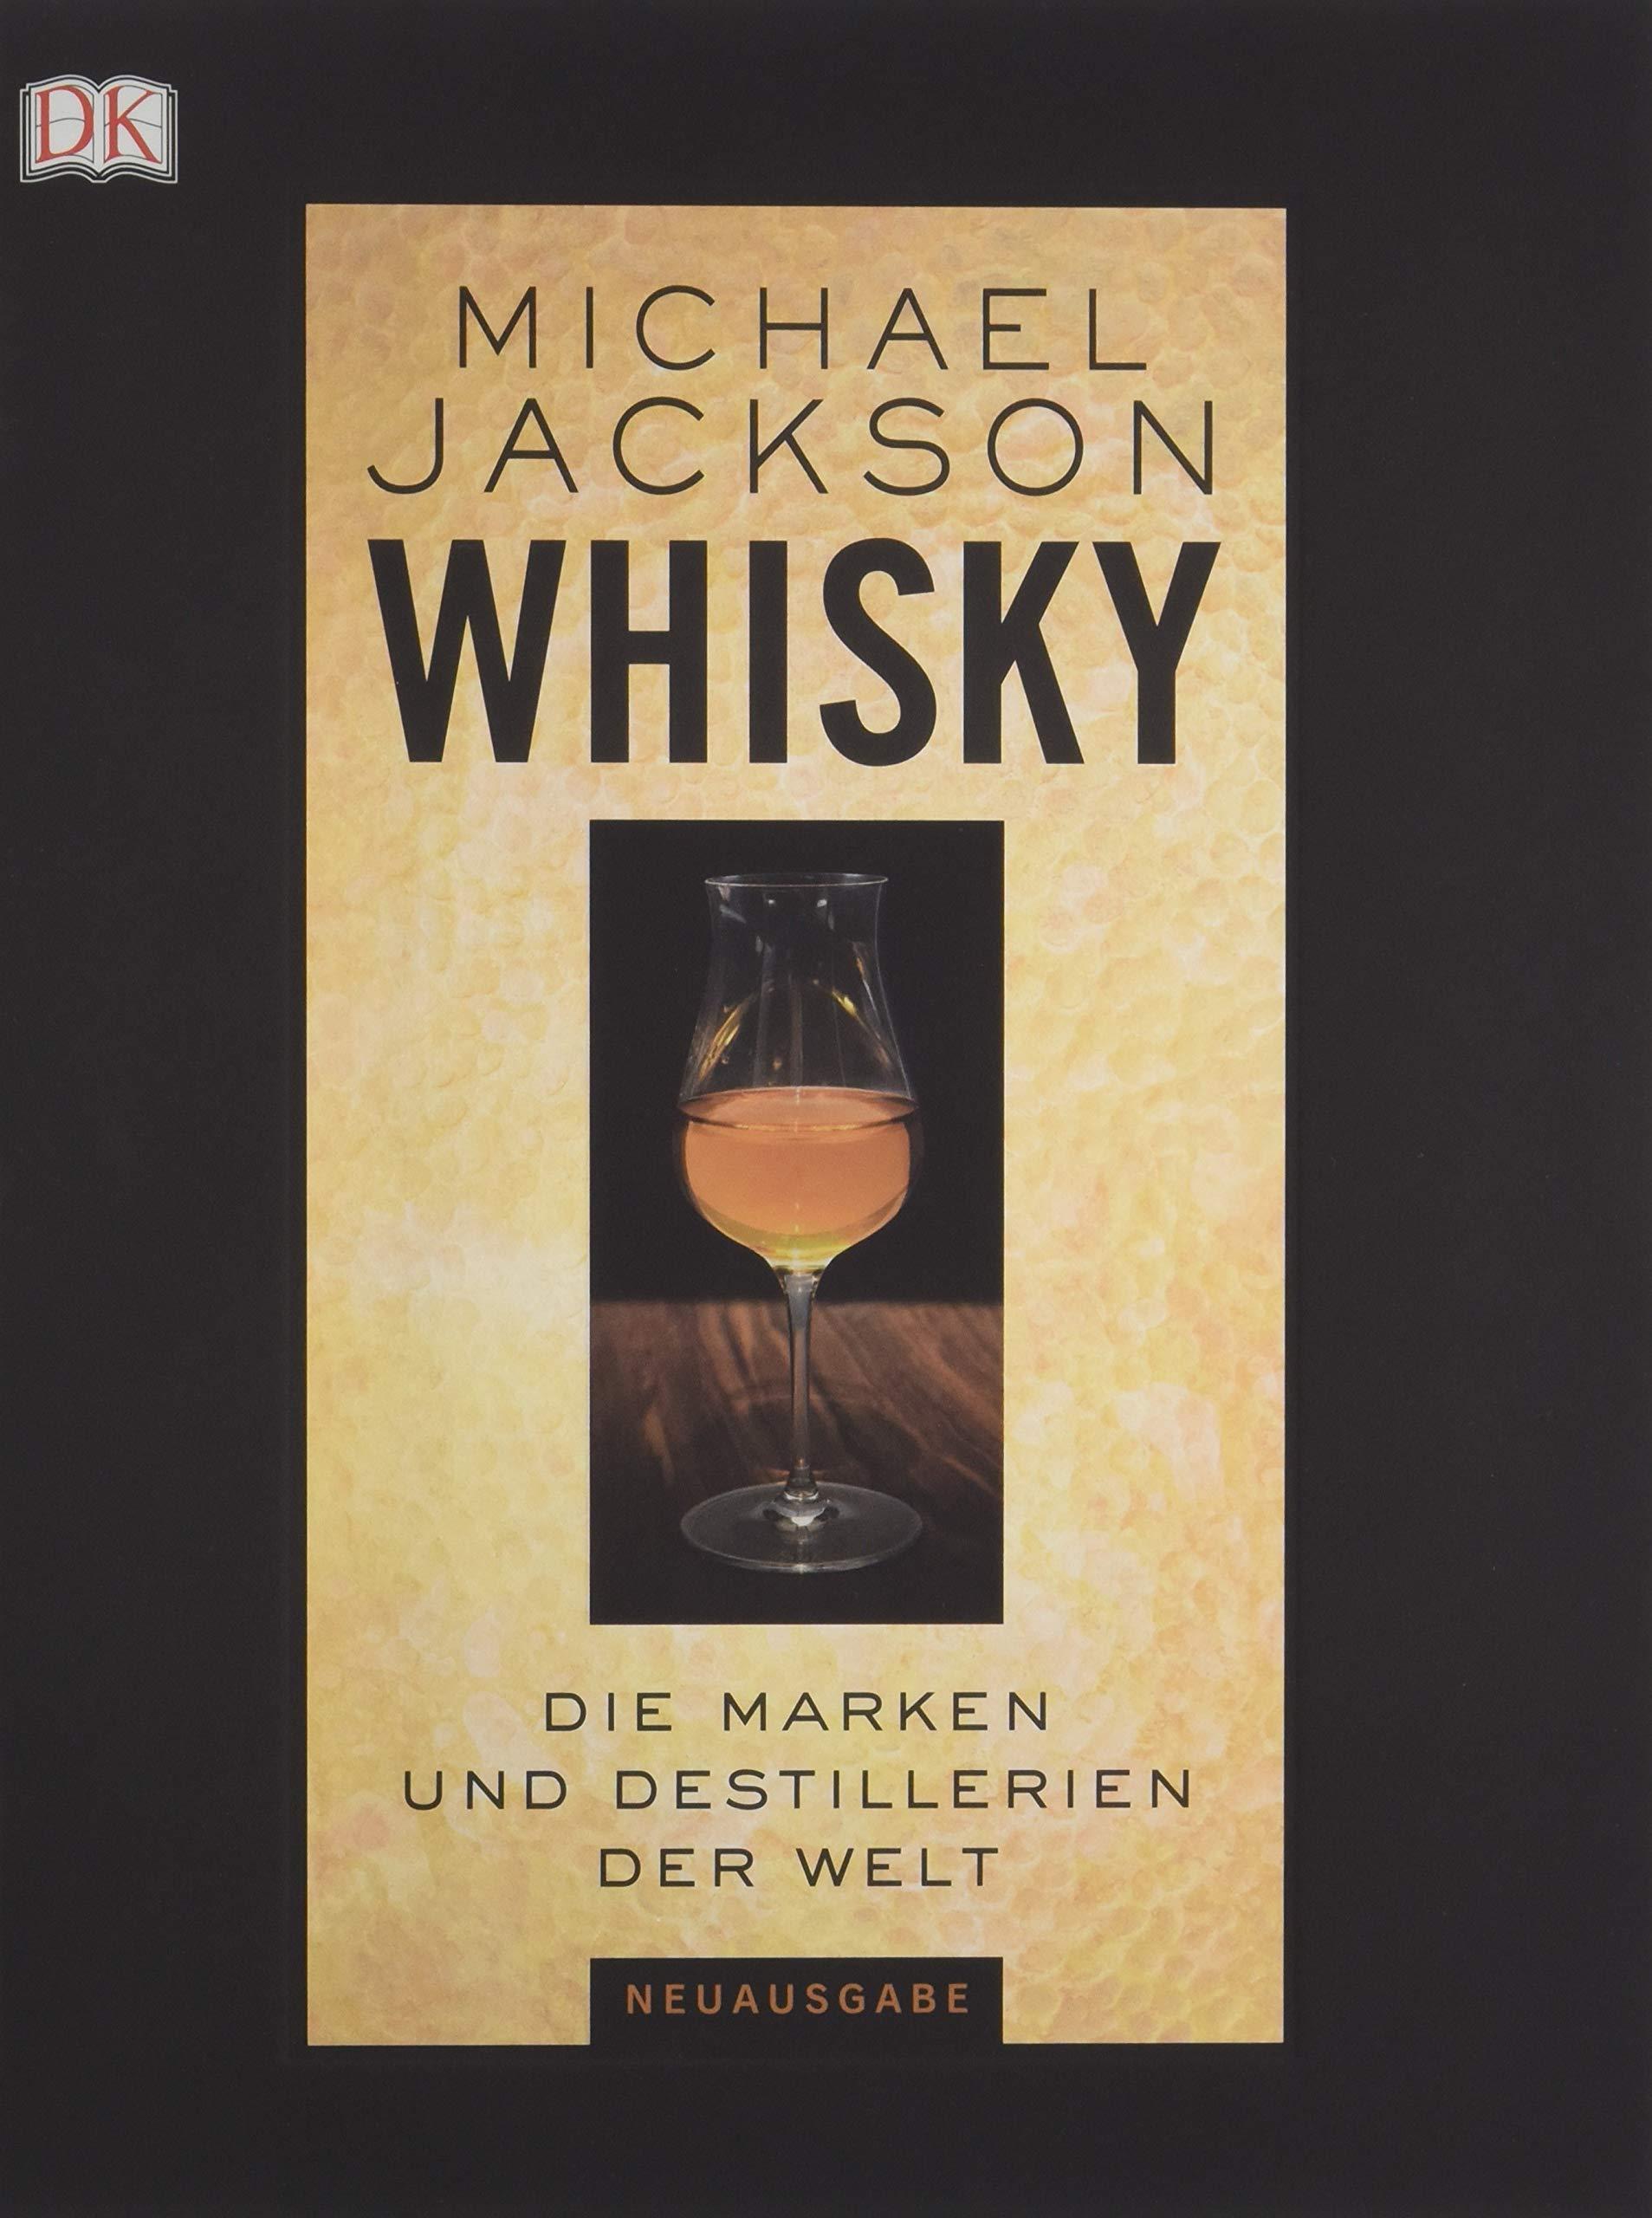 Whisky - 81ilEJYrY7L - Whisky: Die Marken und Destillerien der Welt